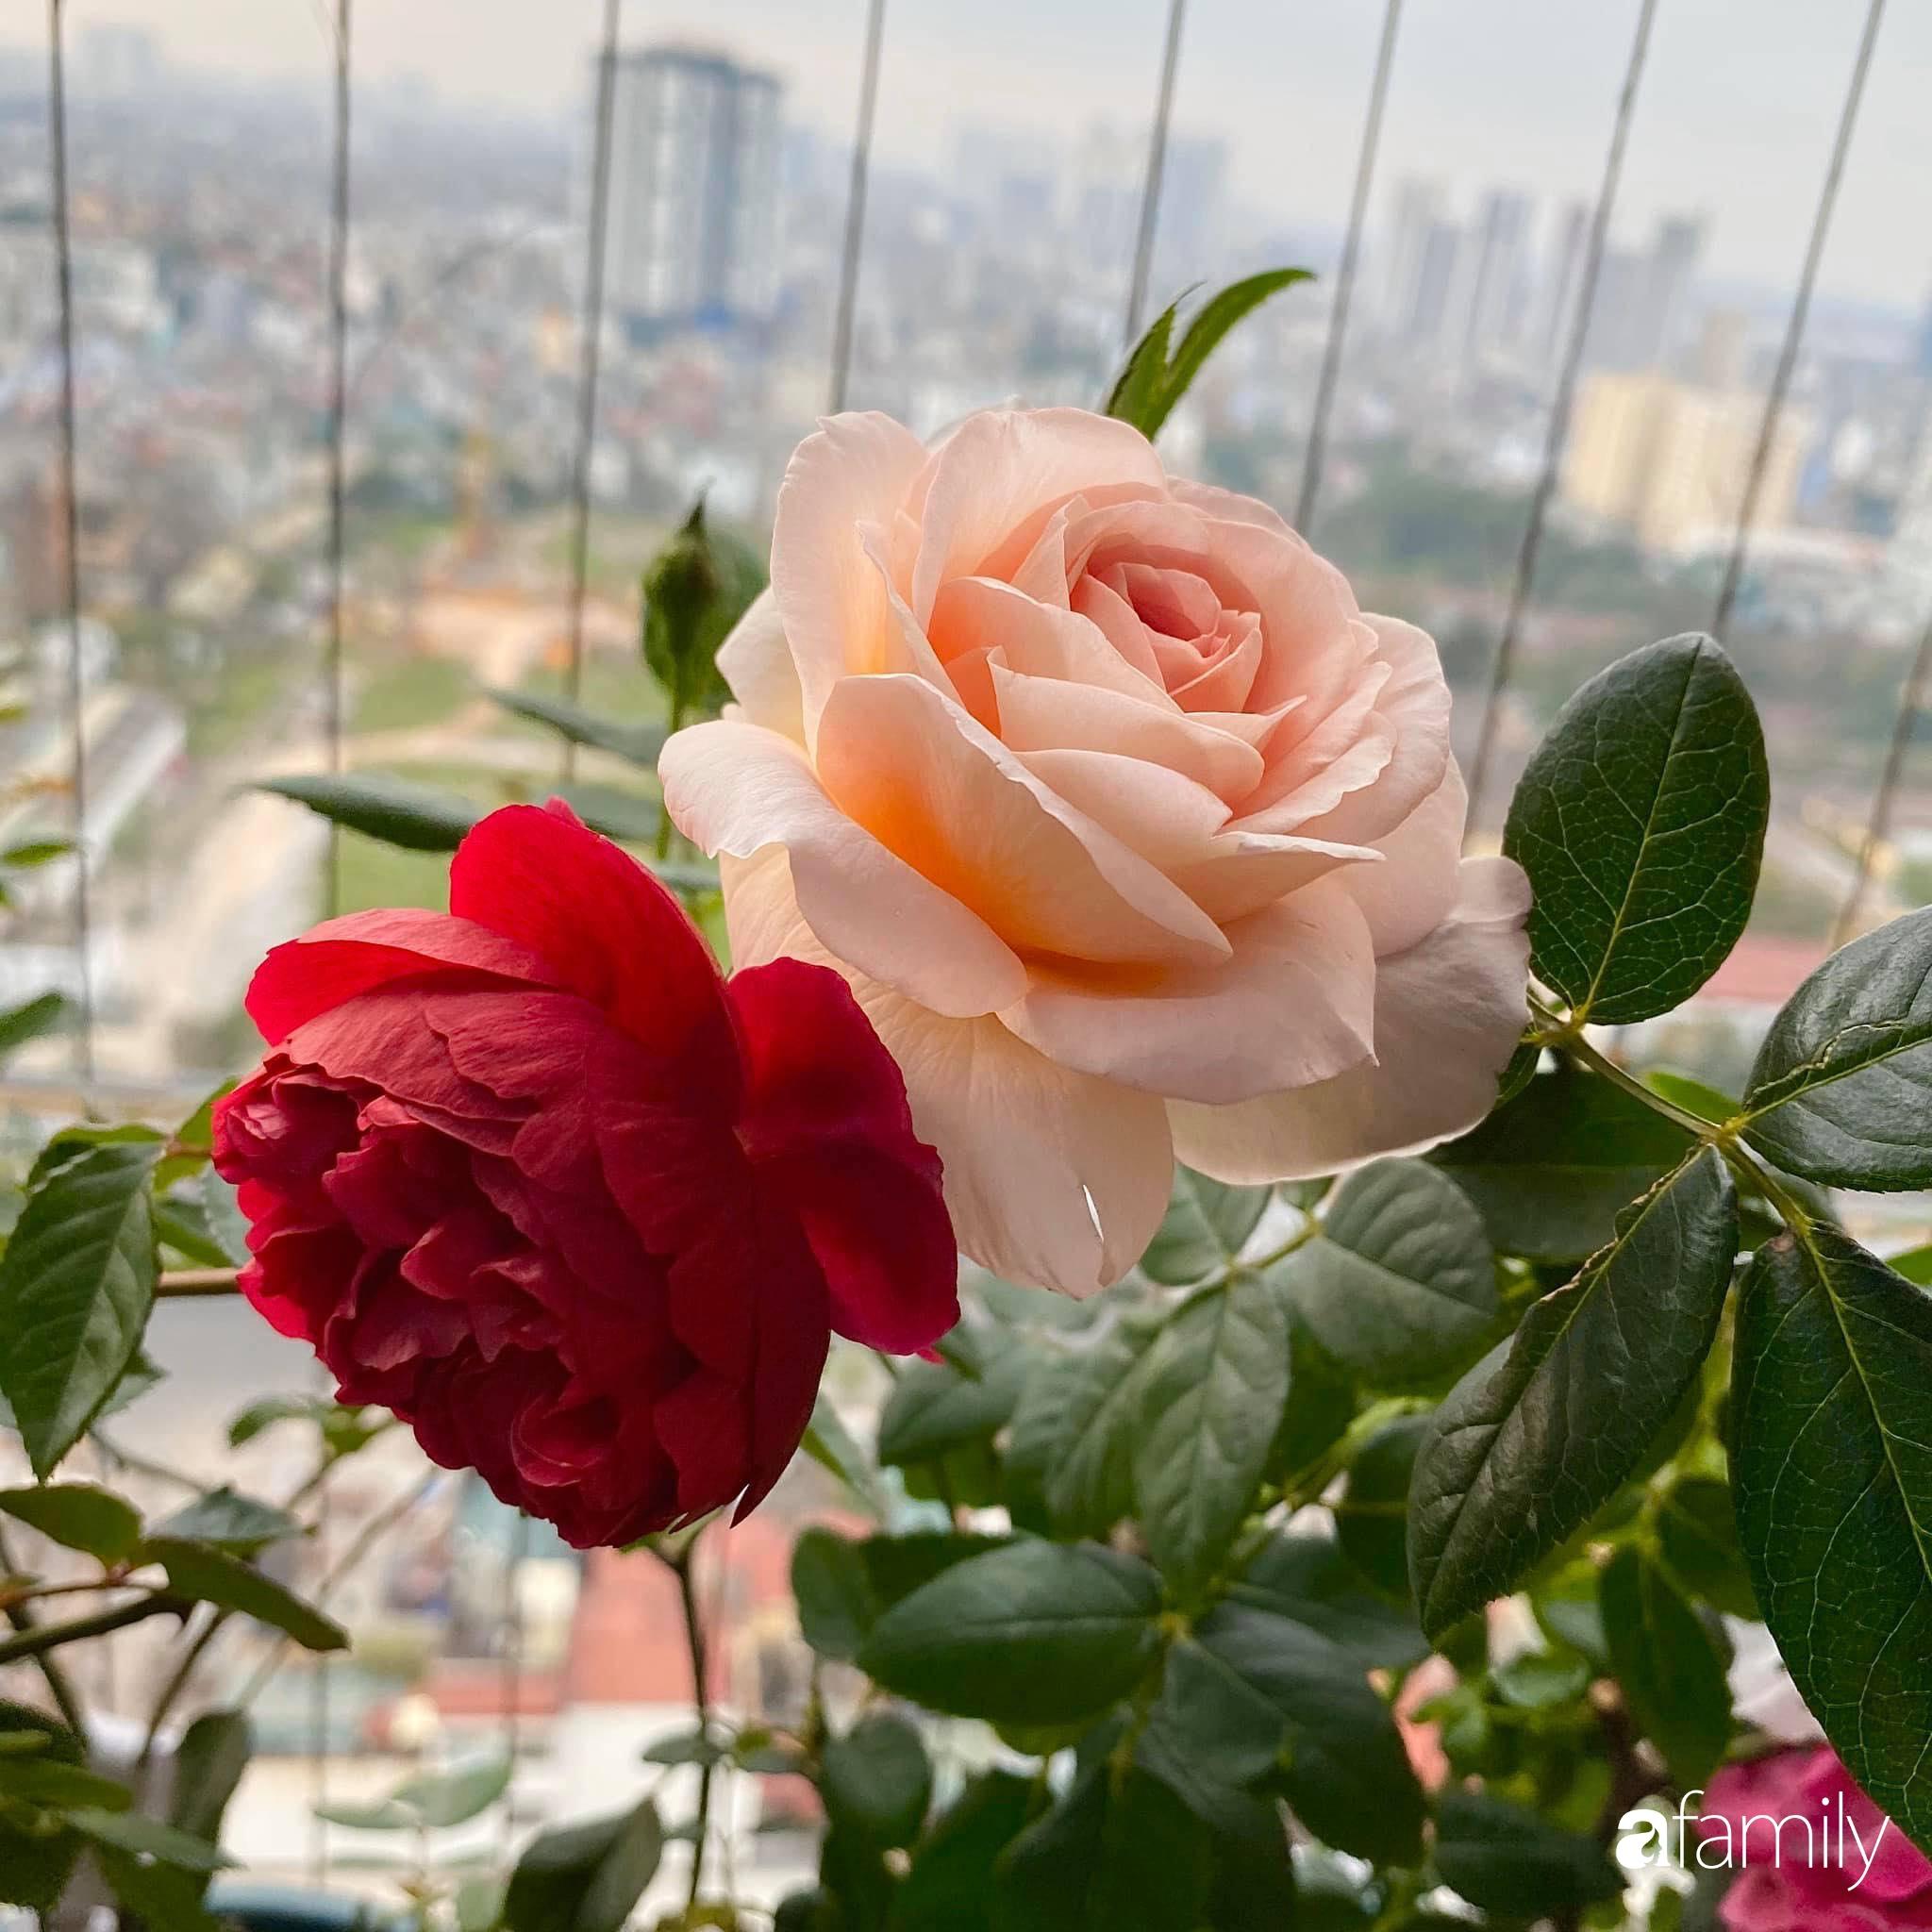 Mẹ Hà Nội chia sẻ bí quyết tự mua phụ kiện tạo nên vườn hồng đẹp mê ly ở ban công - Ảnh 1.